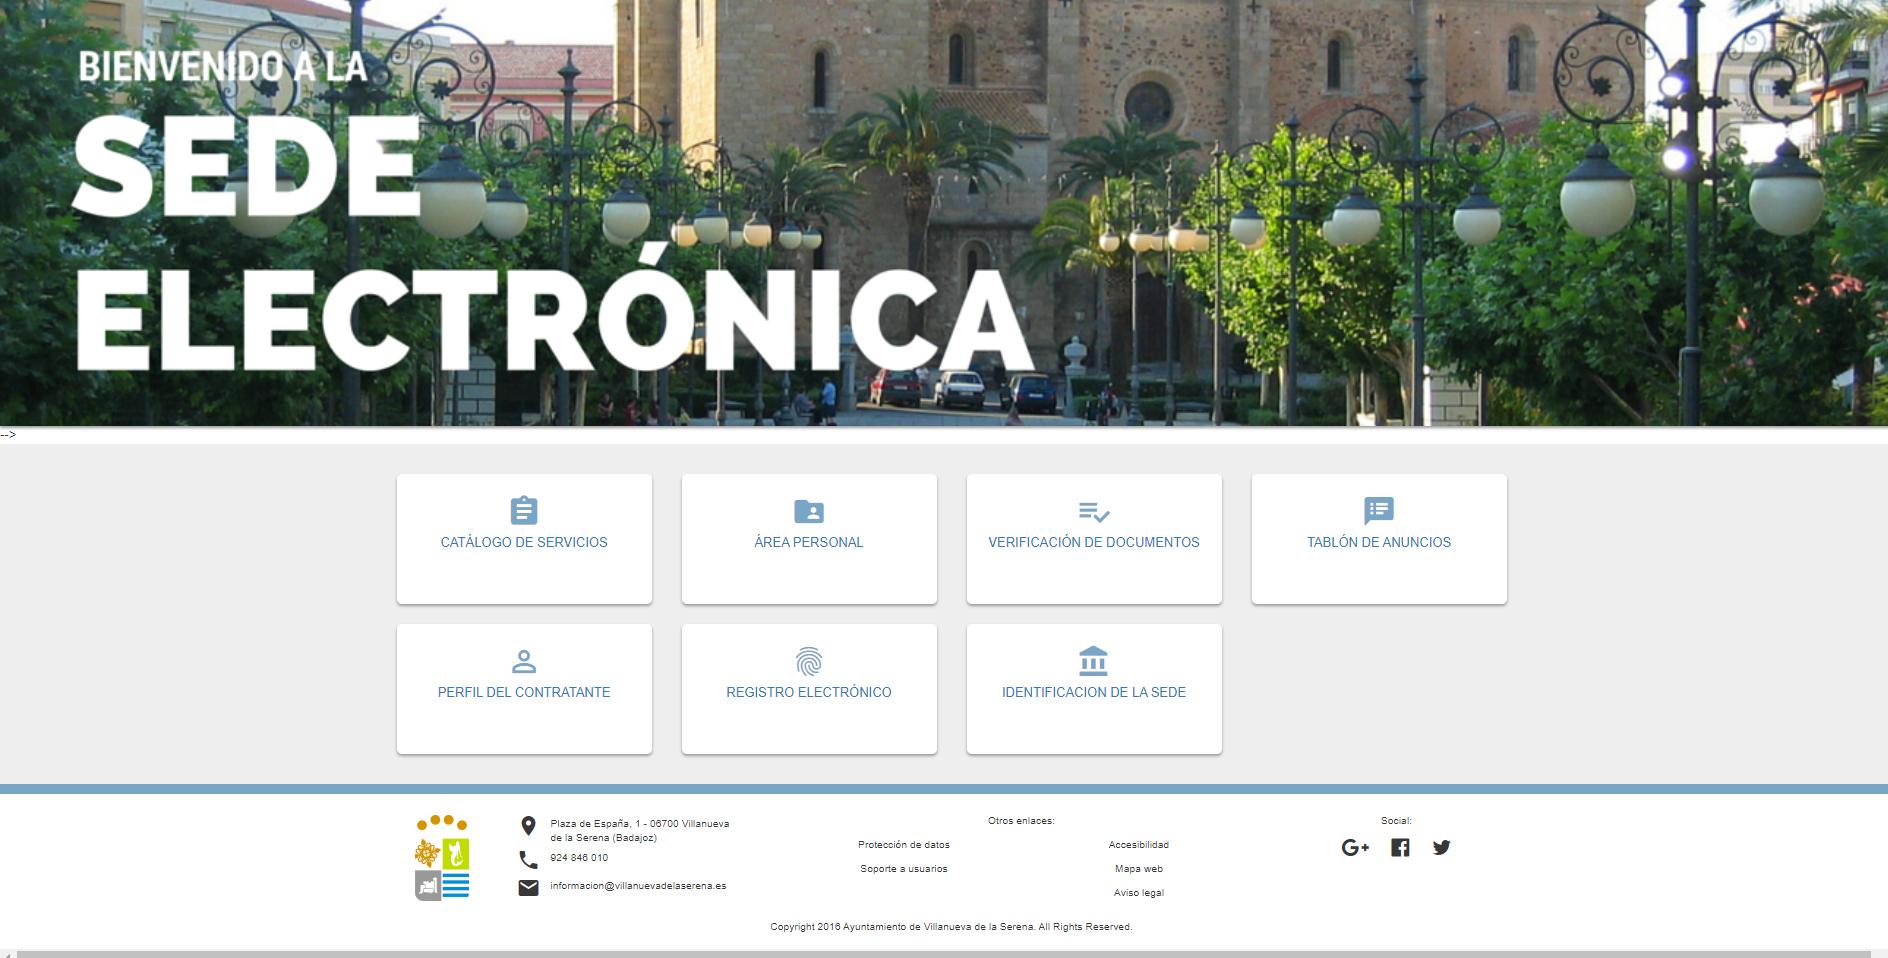 Se mejora y completa la administración electrónica del Ayuntamiento